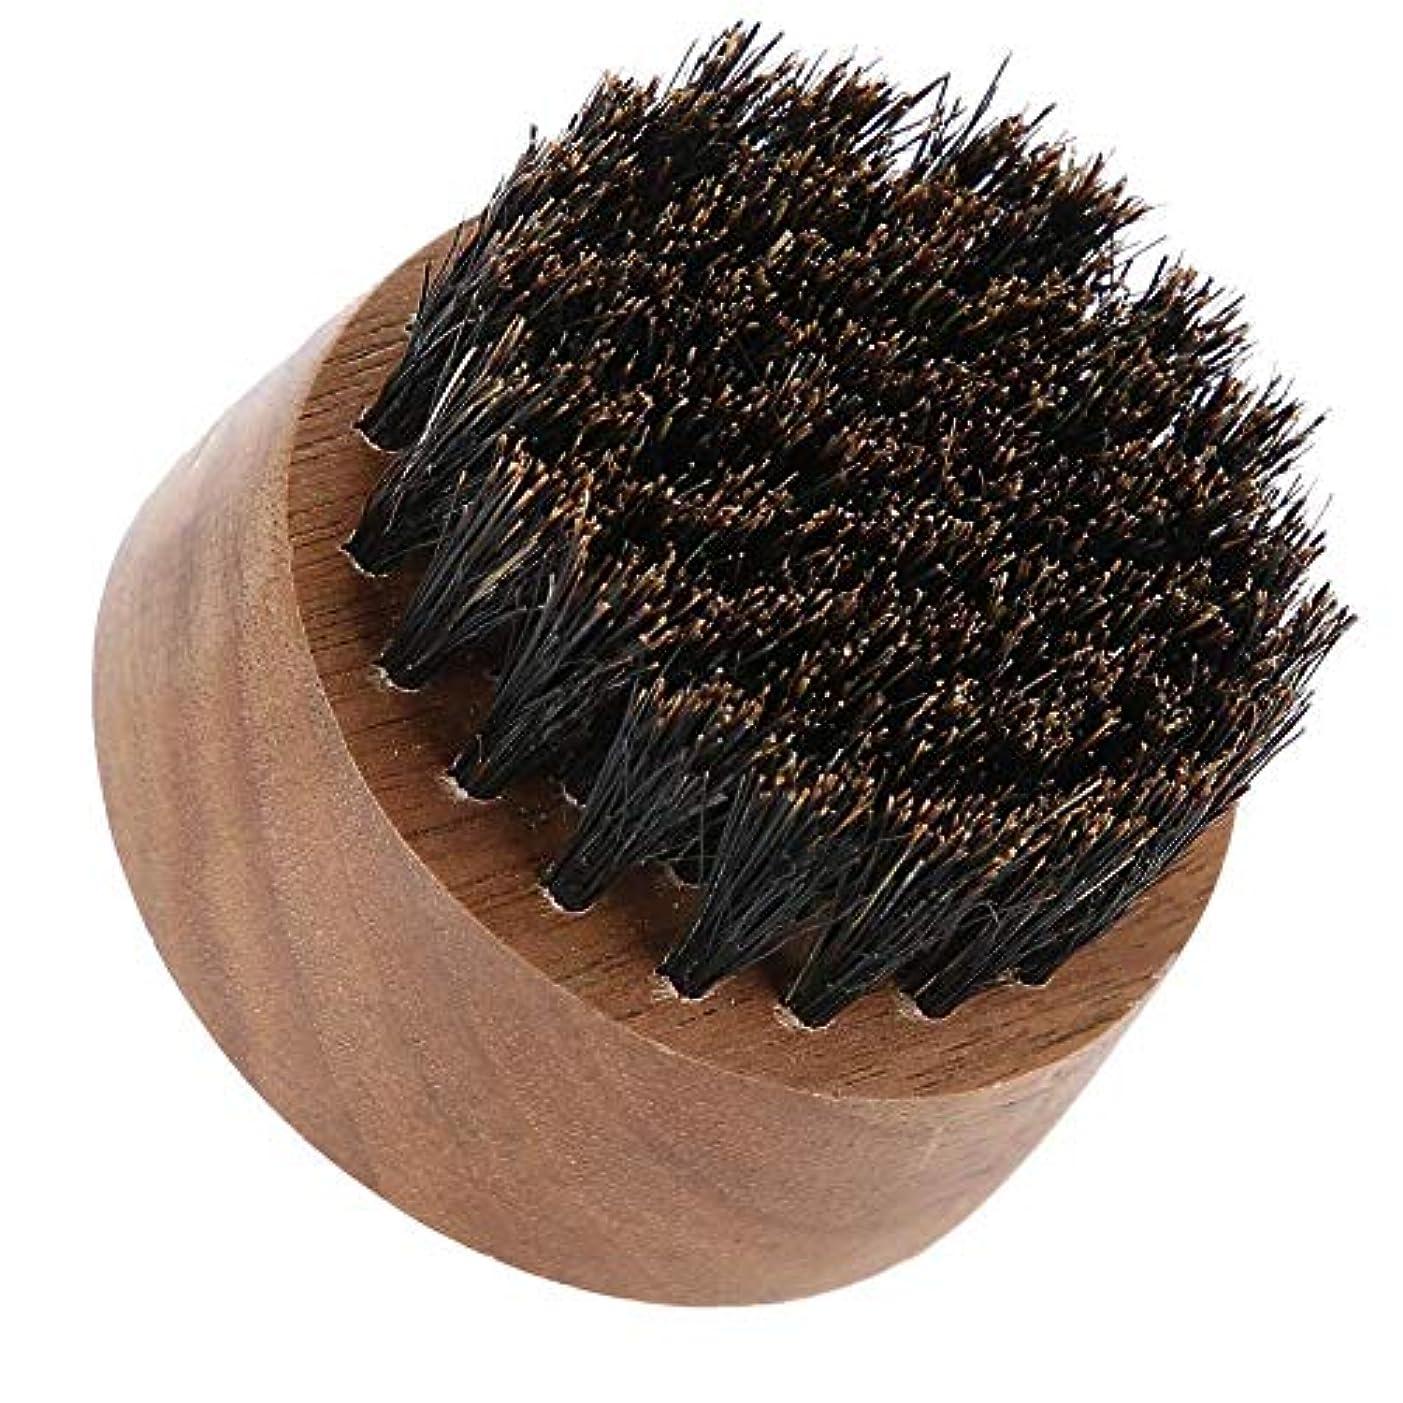 効能あるぬるいうつ男性ひげブラシ-最高のひげとスキンケア(黒クルミ)